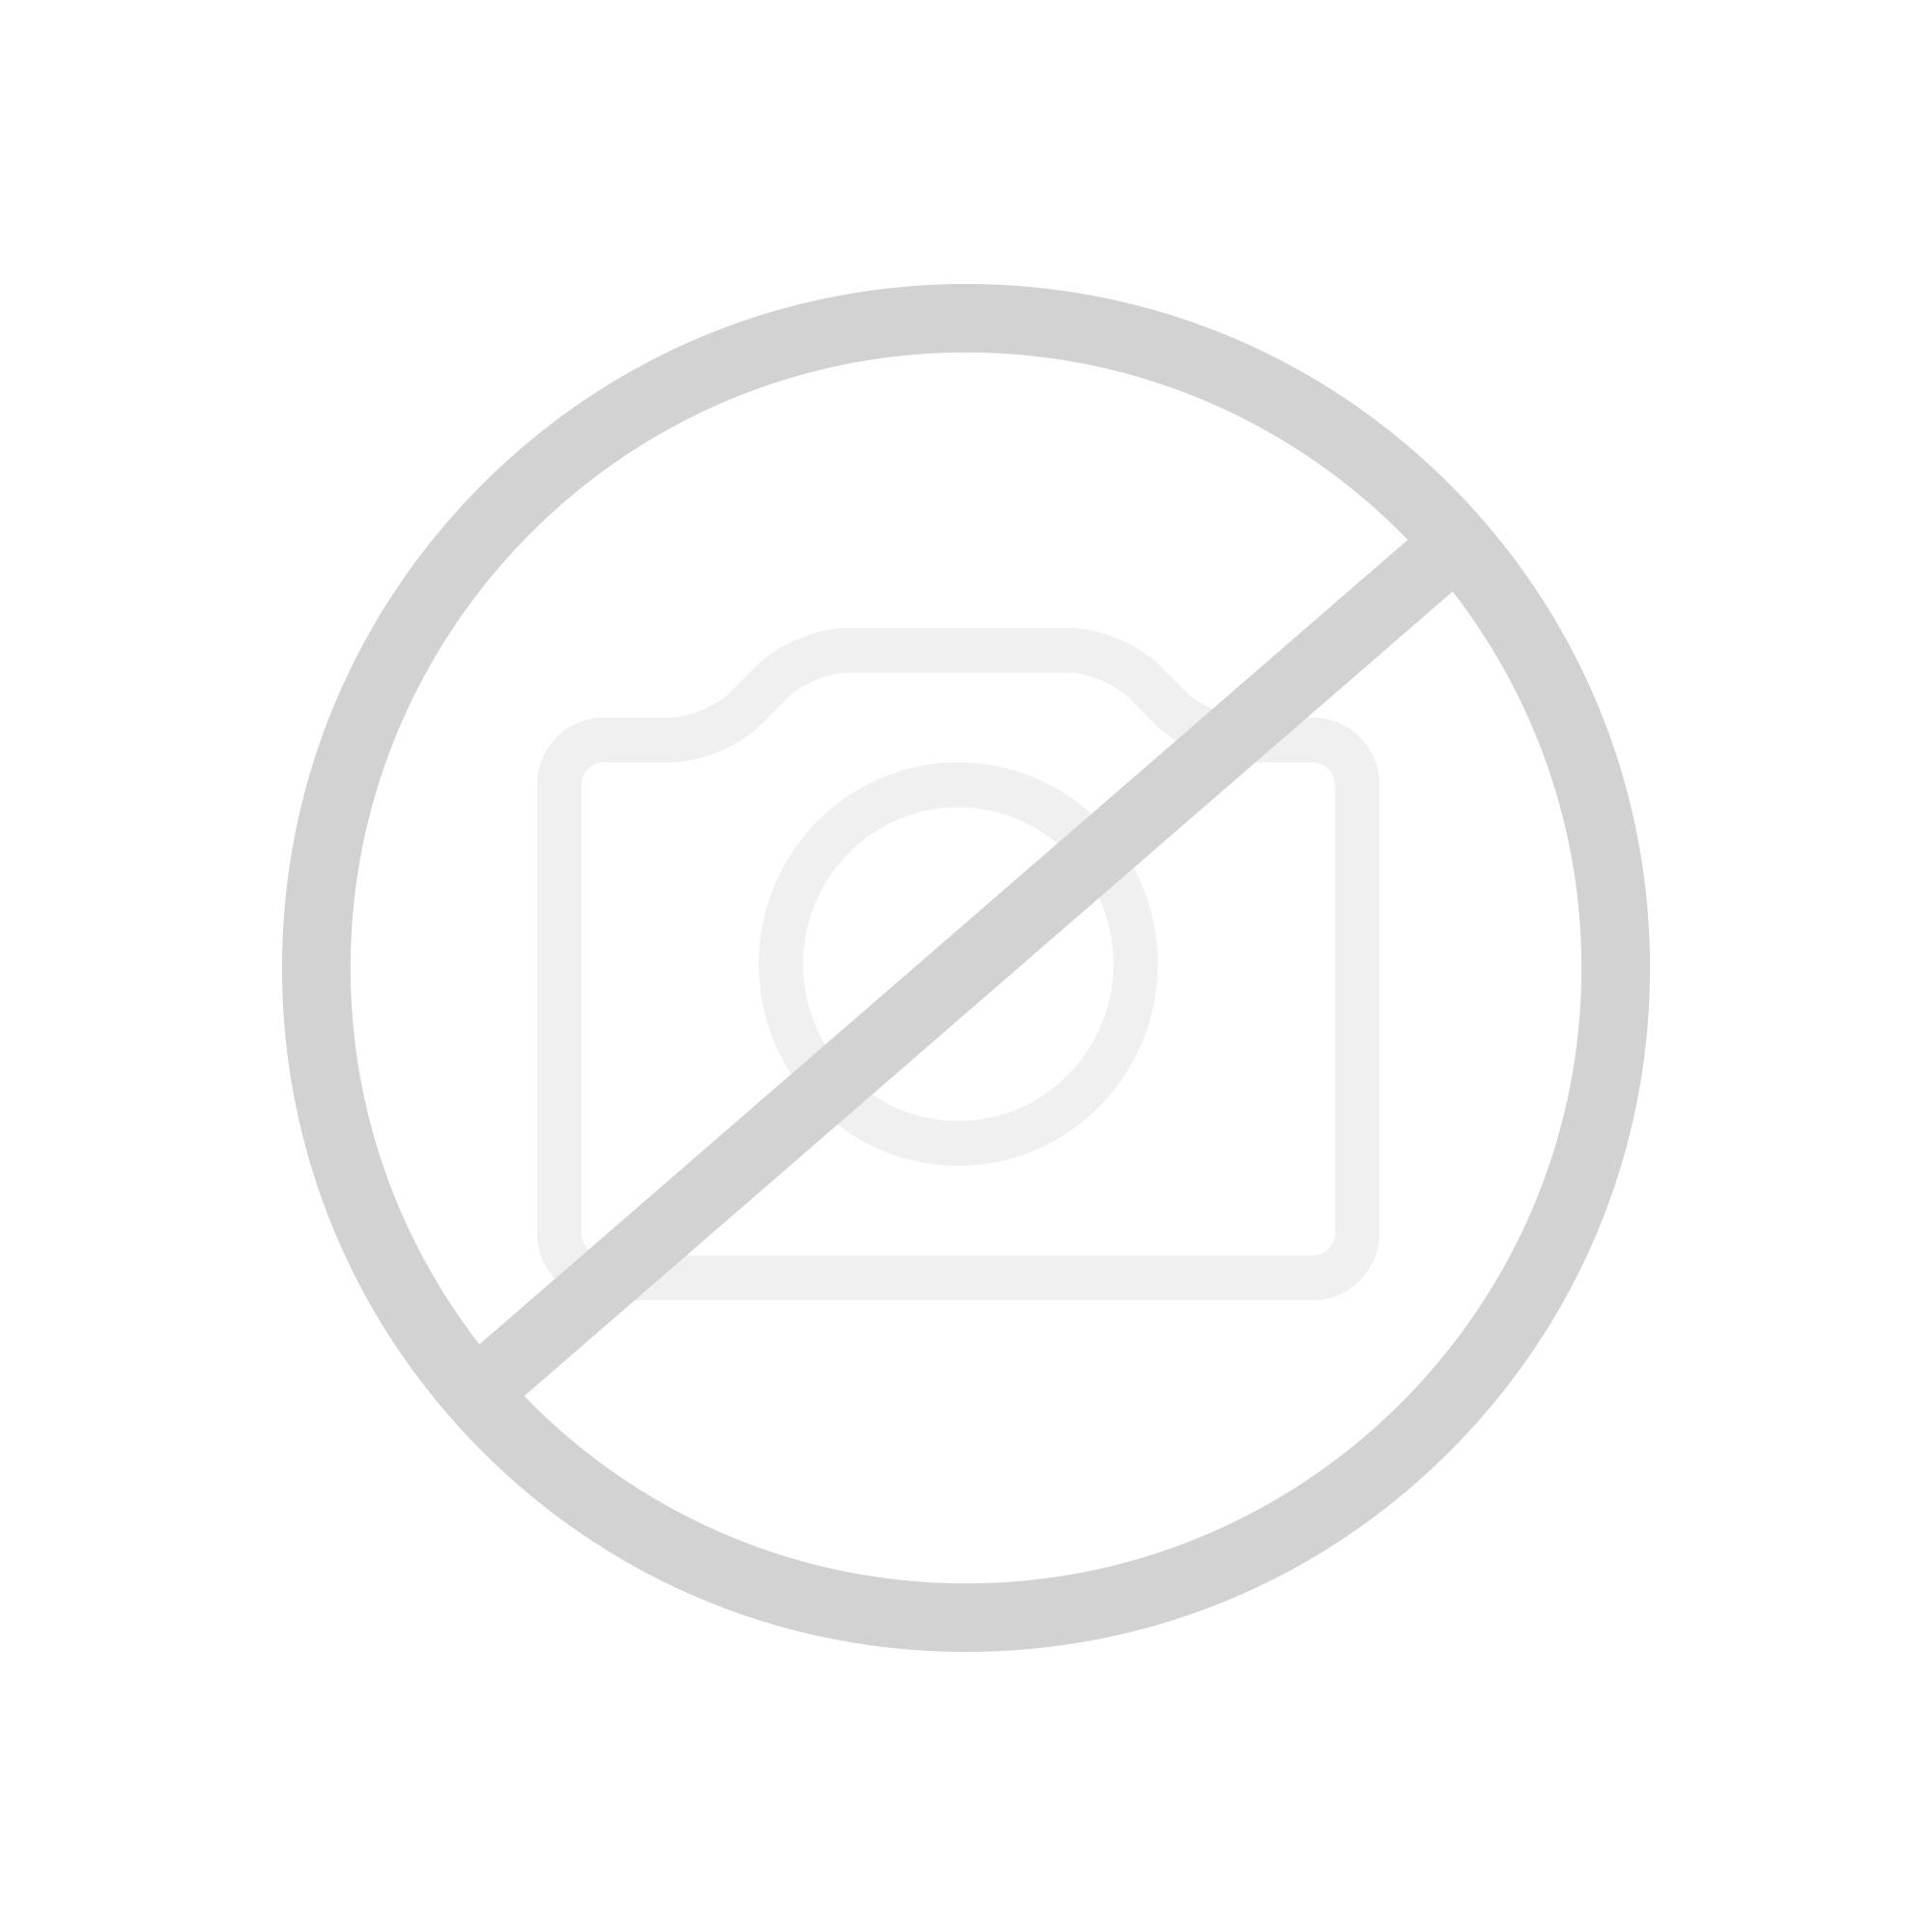 Grohe Eurosmart Cosmopolitan Einhand-Waschtischbatterie DN 15